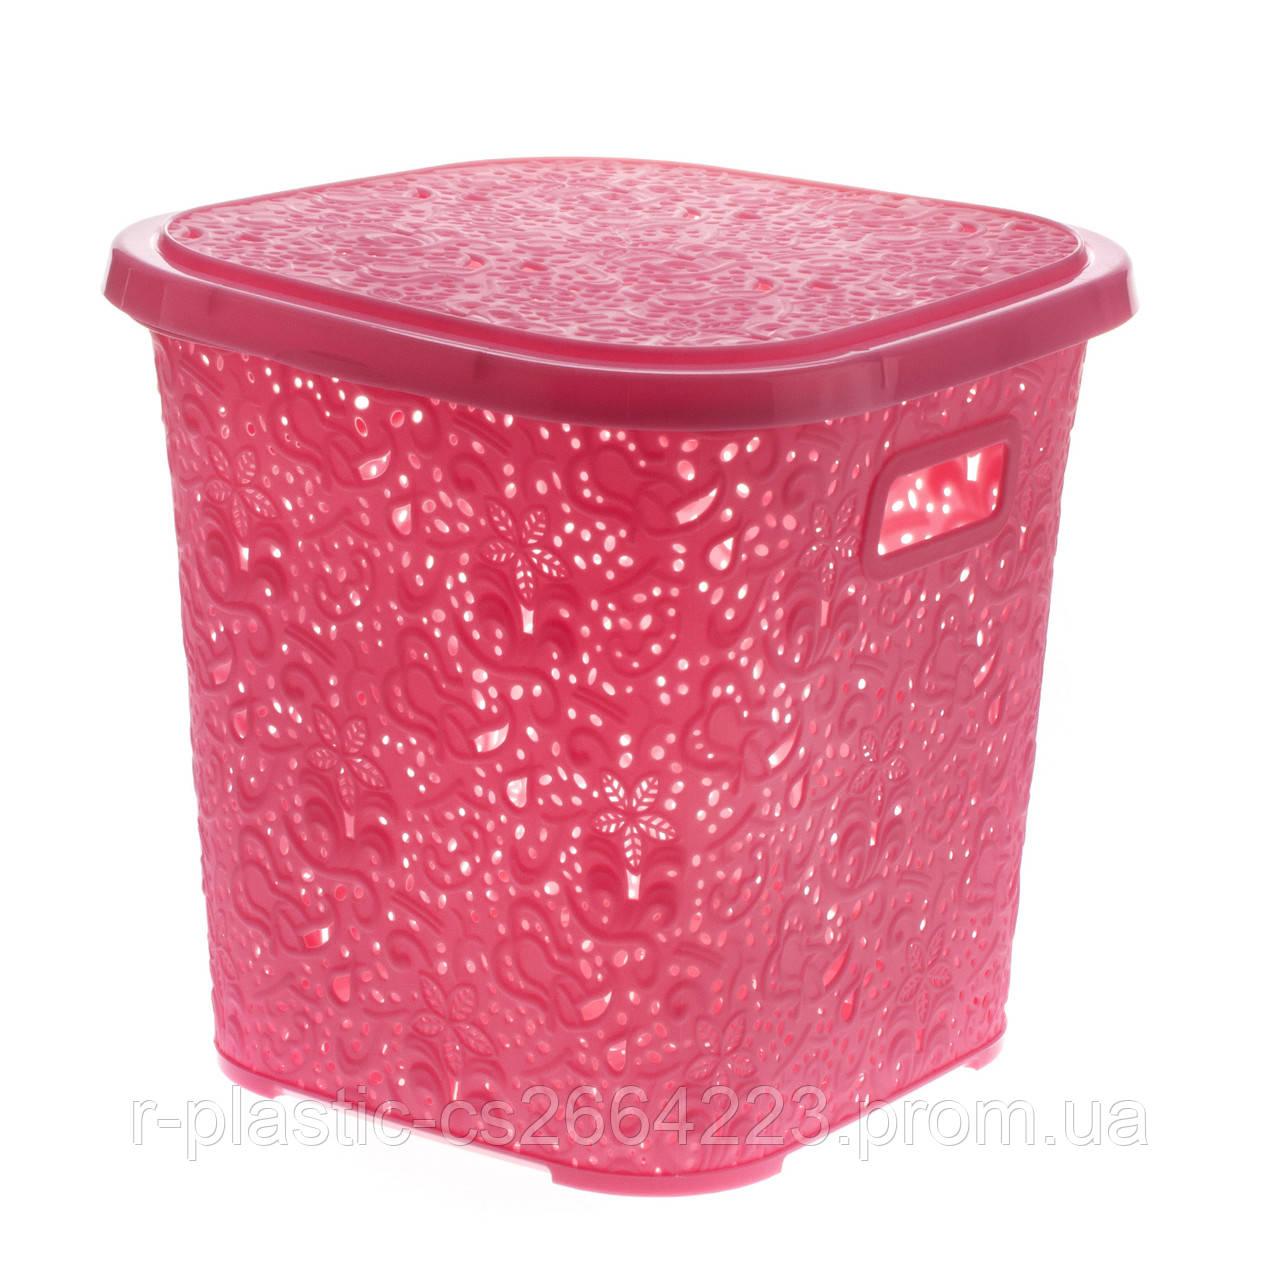 """Кошик R-Plastic """"Ажур"""" 15л 29*29*28см рожева"""